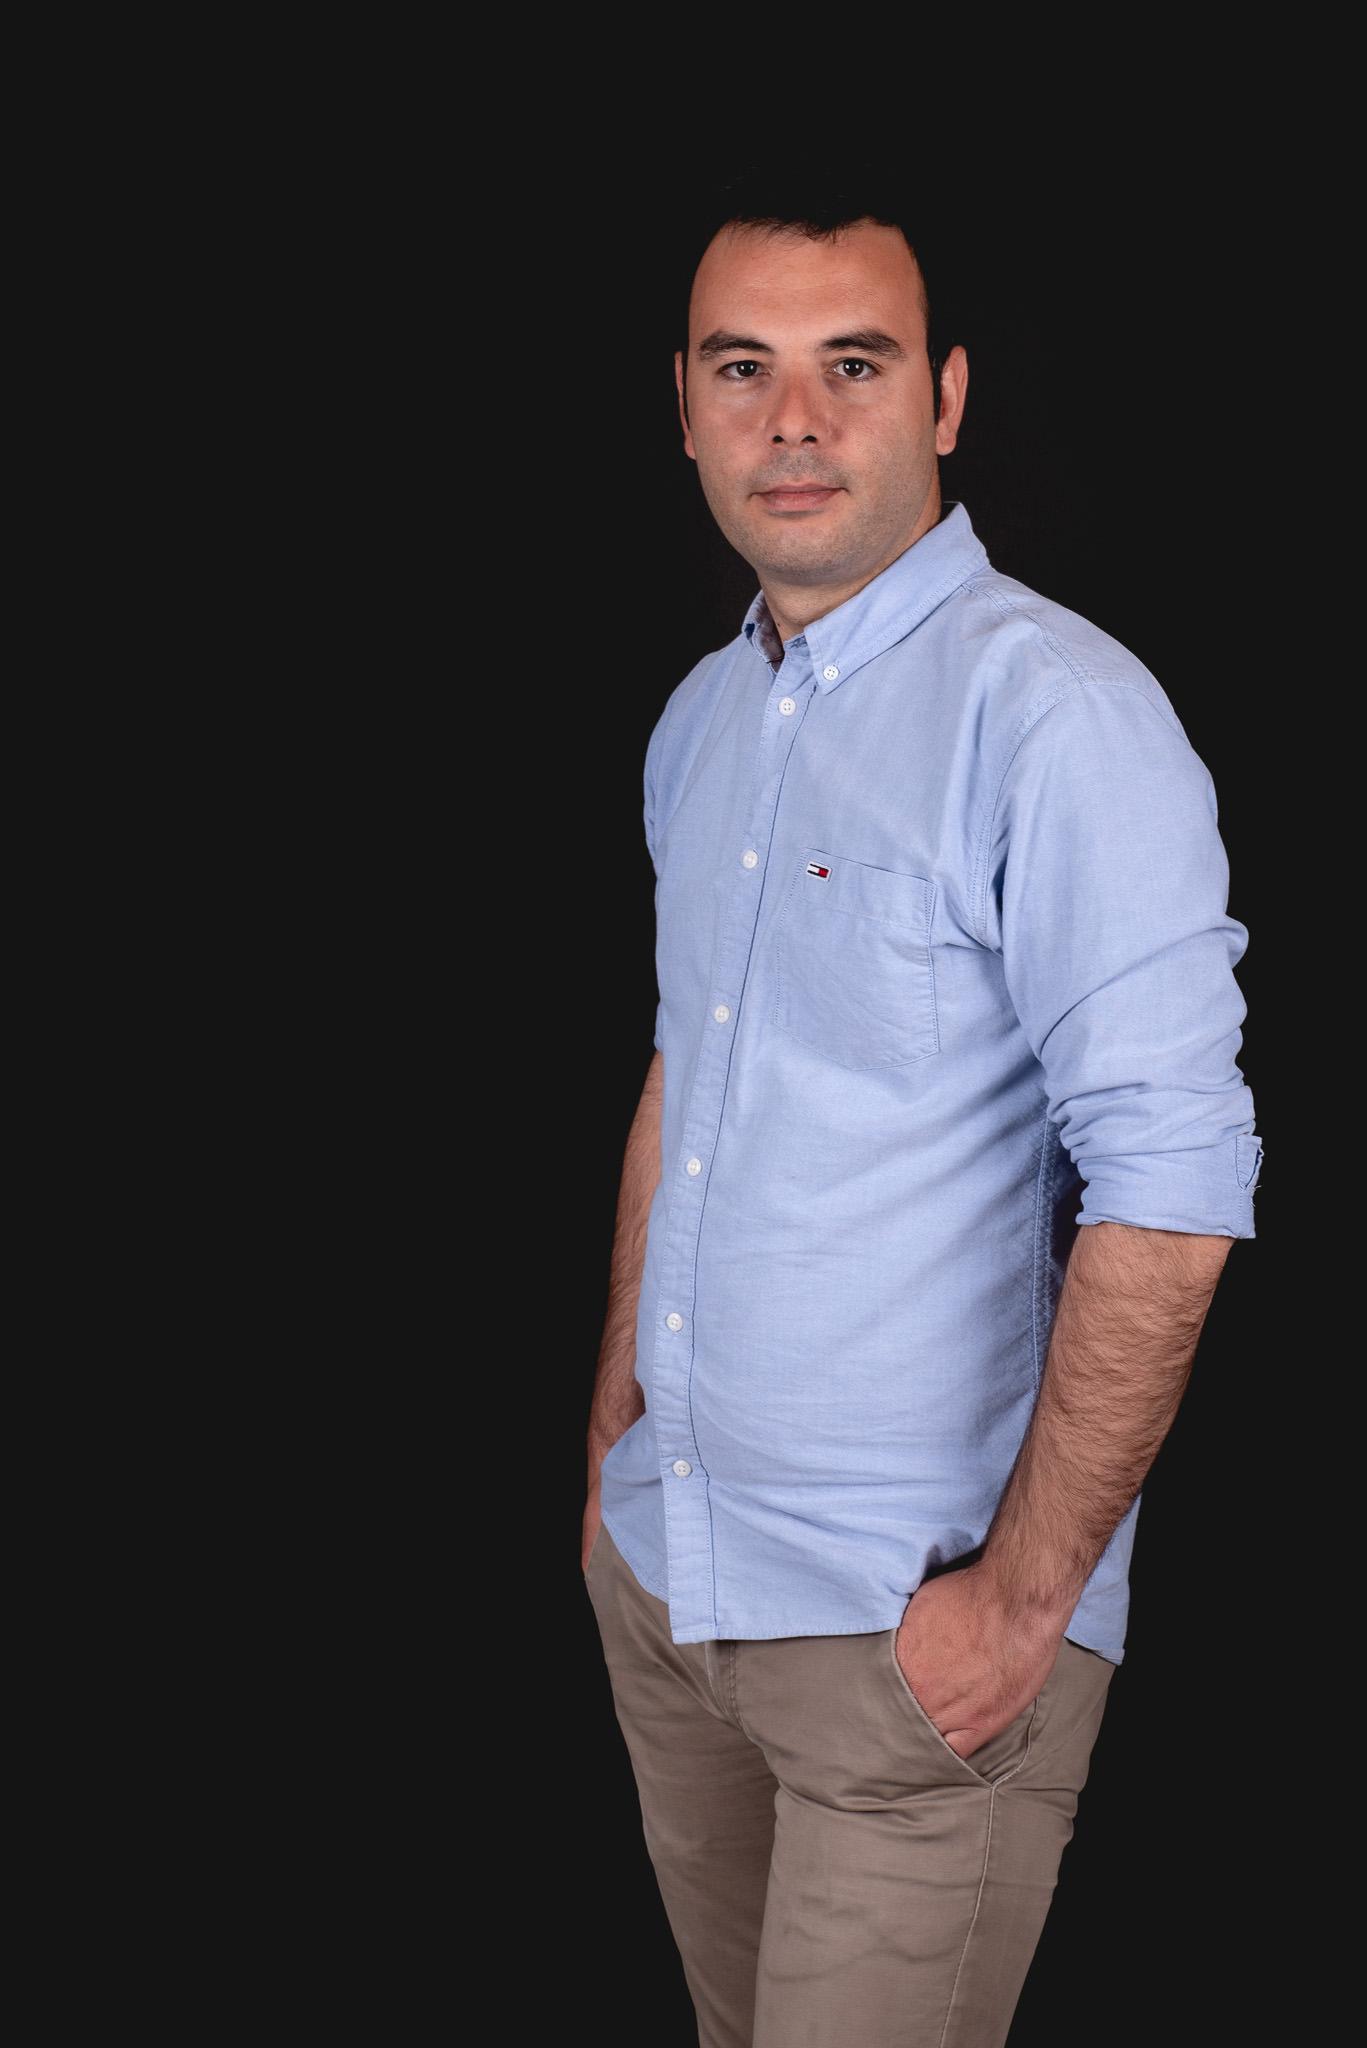 Φωτογράφος, Χάρης Αβραμίδης, Γιαννιτσά, Νάουσα, Αλεξάνδρεια, Αριδαία. Charis Avramidis Photography